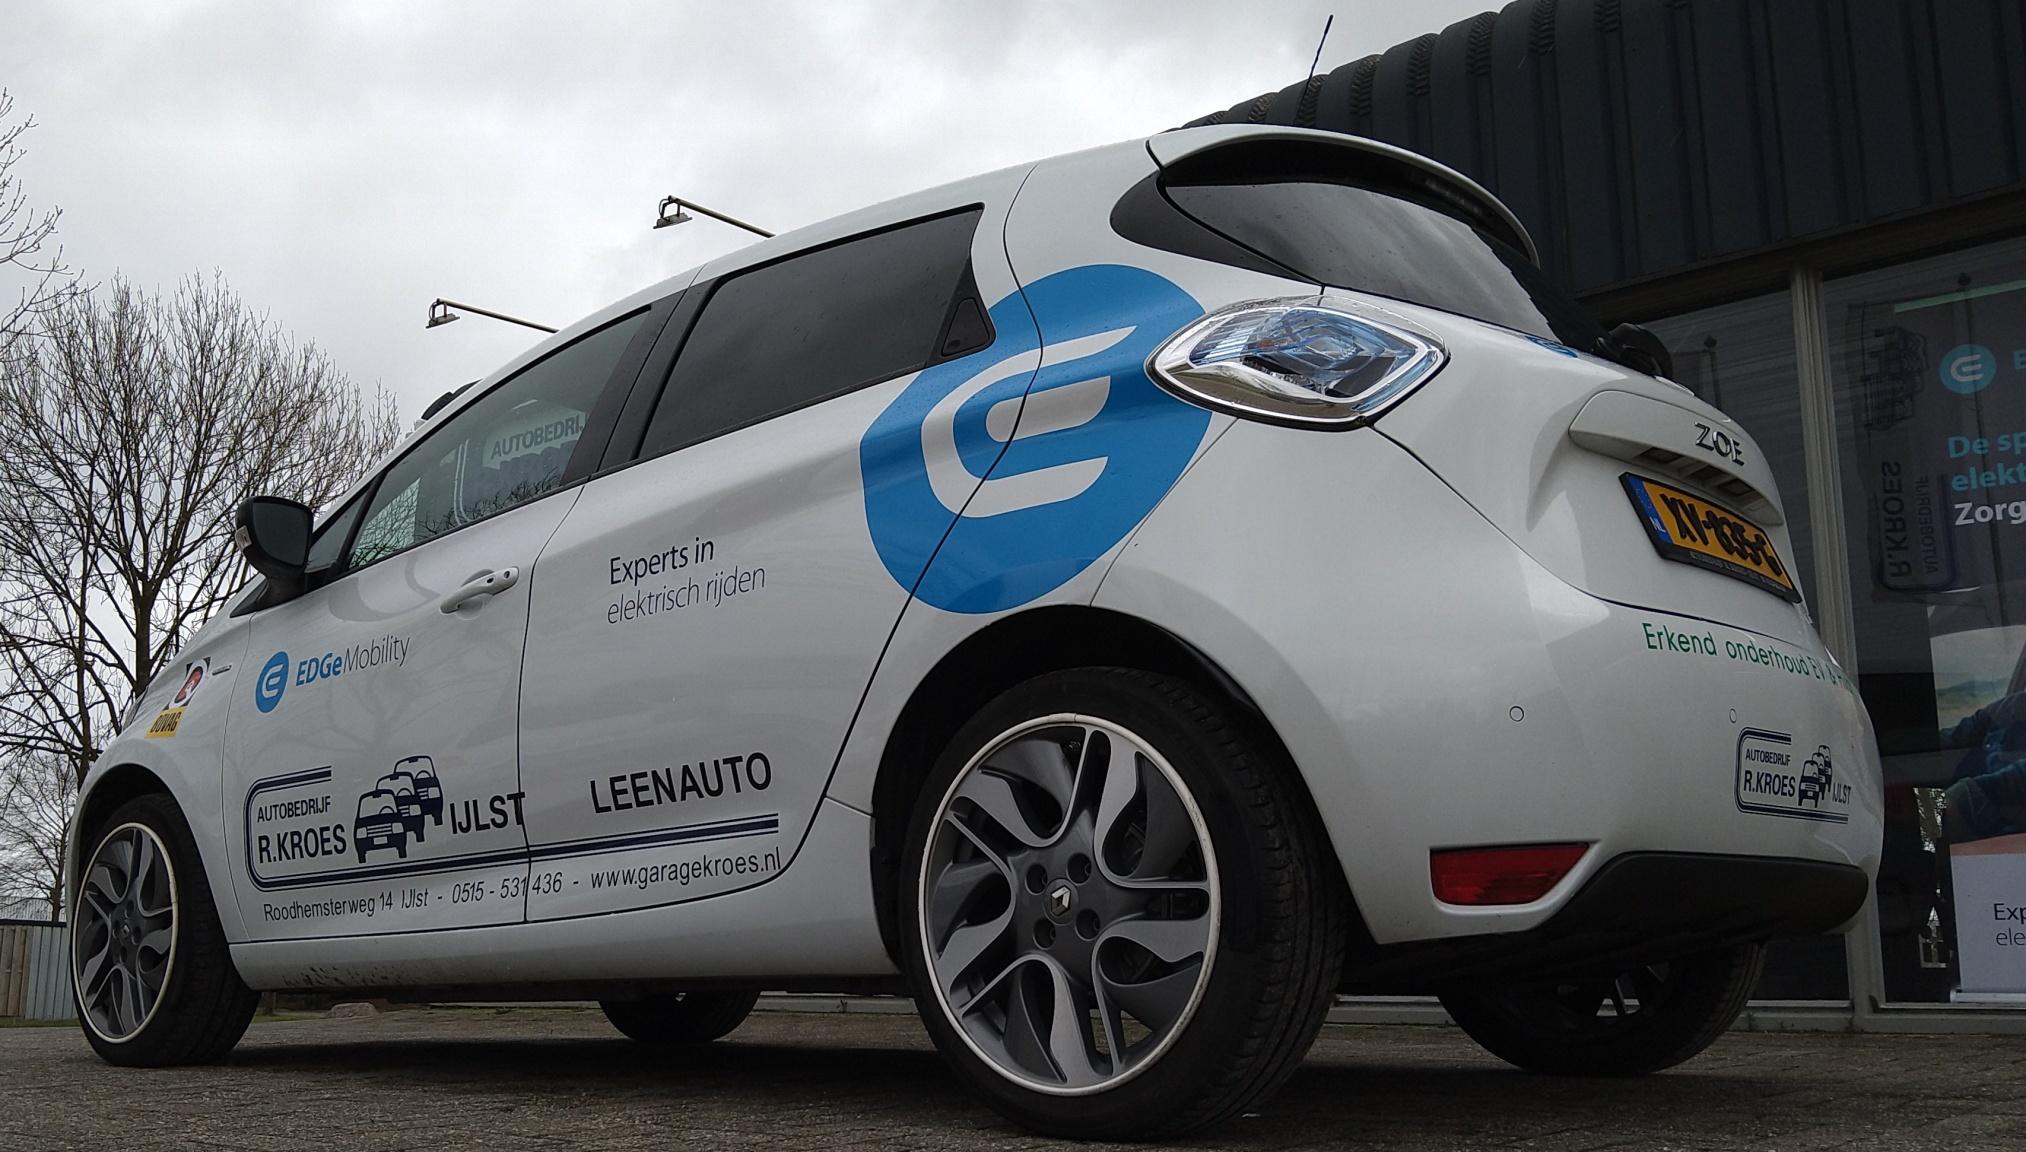 De Renault Zoë heeft nieuwe stickers-2021-03-13 13:53:13